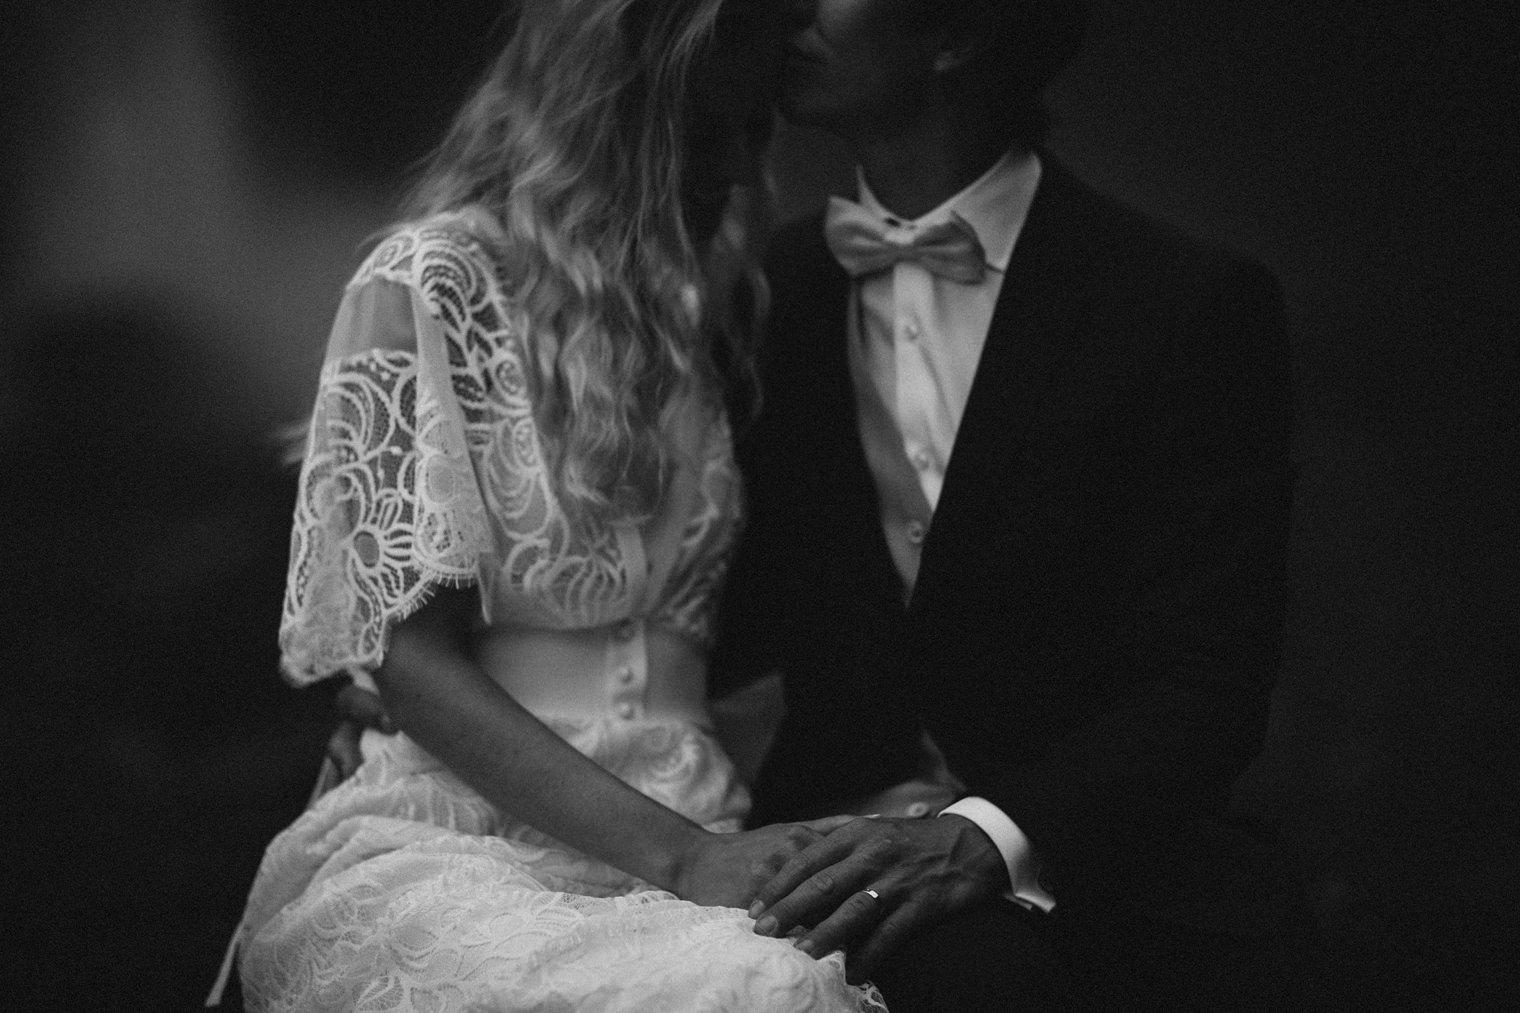 054-iceland-wedding